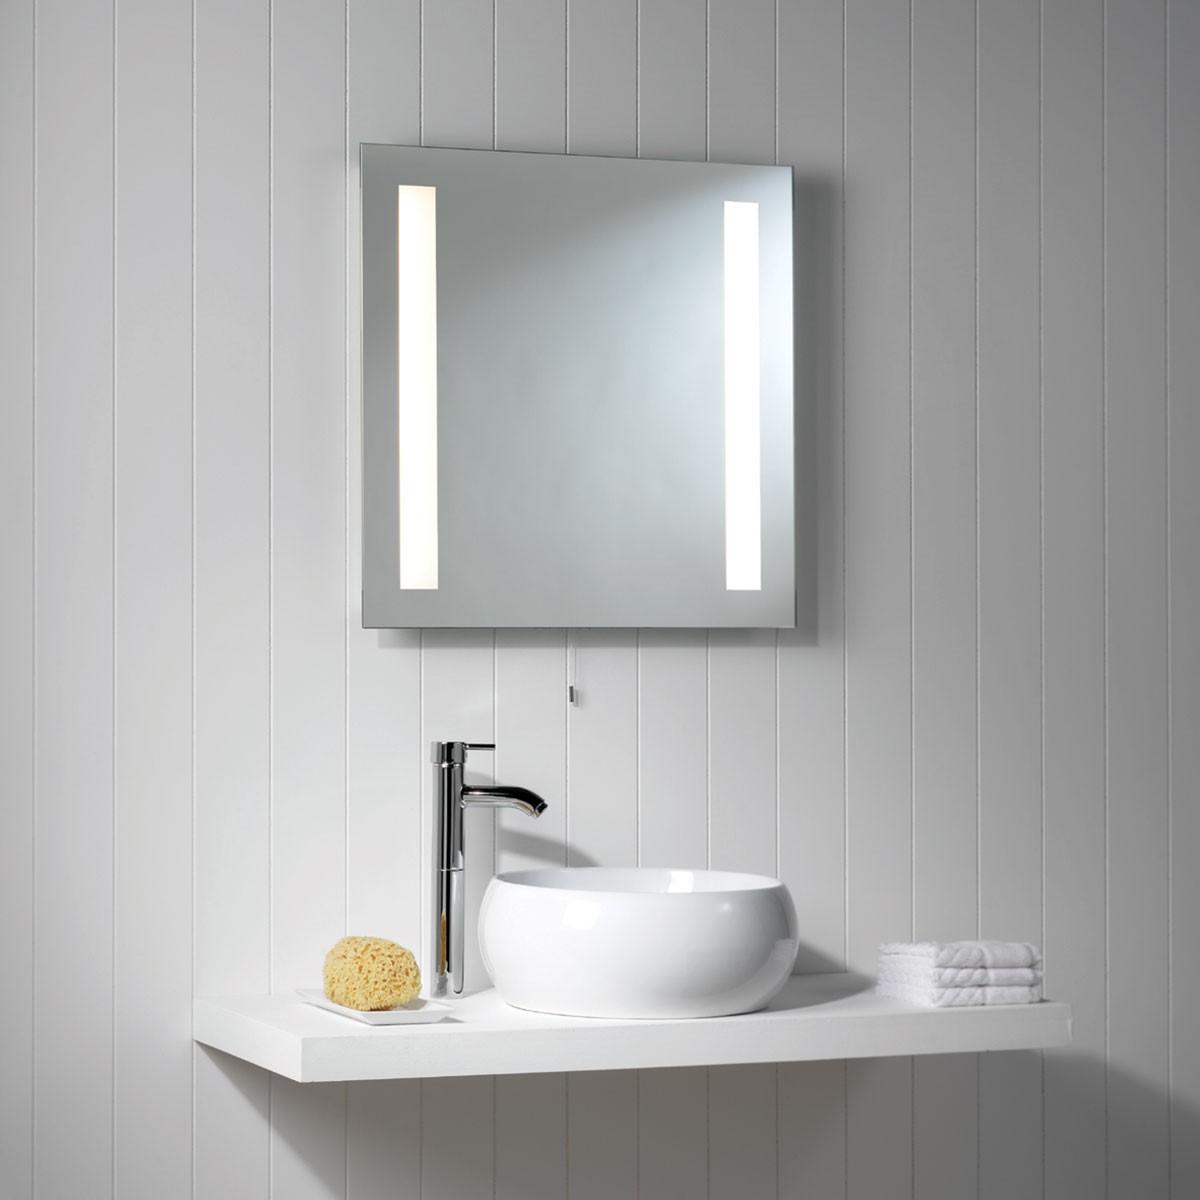 luminaria para el ba/ño led negro 600/mm l/ámpara para espejo luminaria para espejo luminaria de superficie blanco c/álido color de la luz